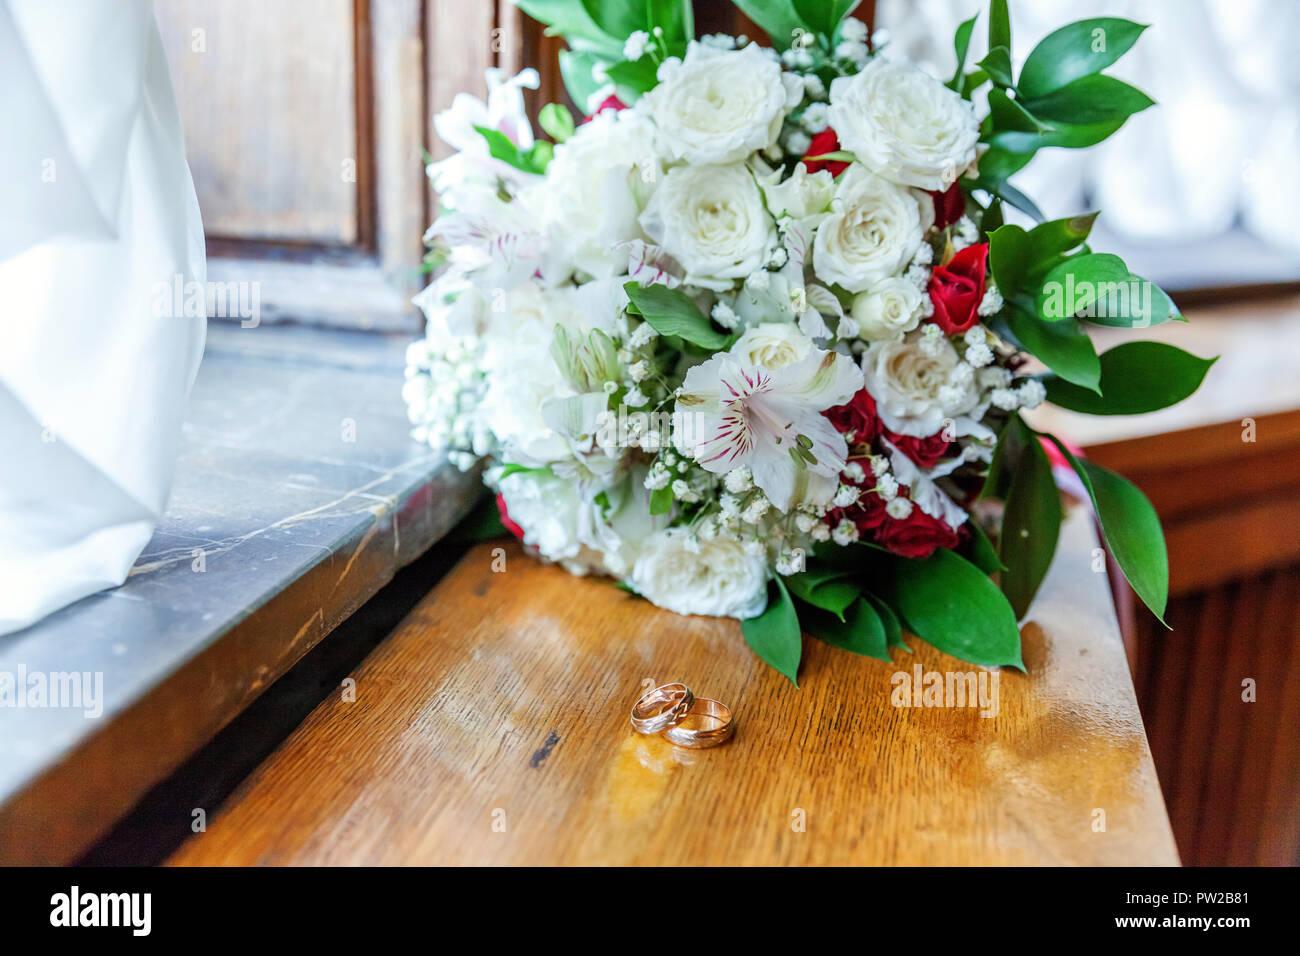 Schone Hochzeit Ringe Liegen Auf Holz Oberflache Vor Hintergrund